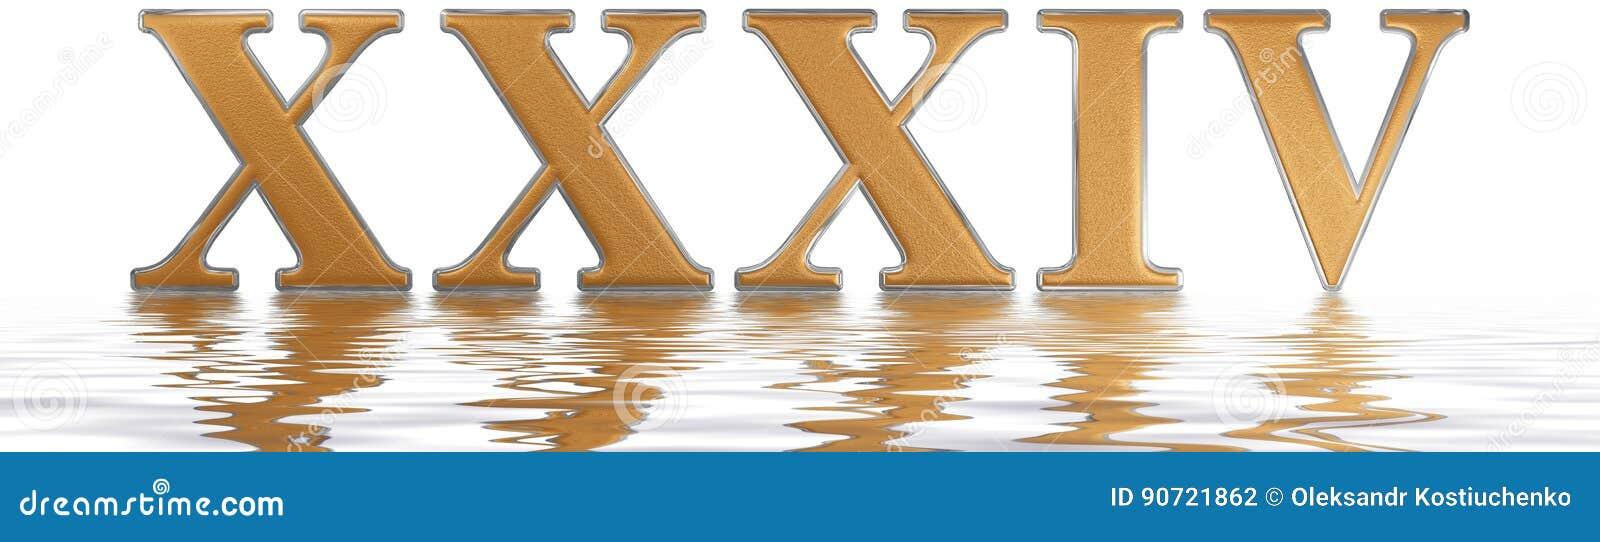 Número Romano Xxxiv Quattuor Y Triginta 34 Treinta Y Cuatro Refl